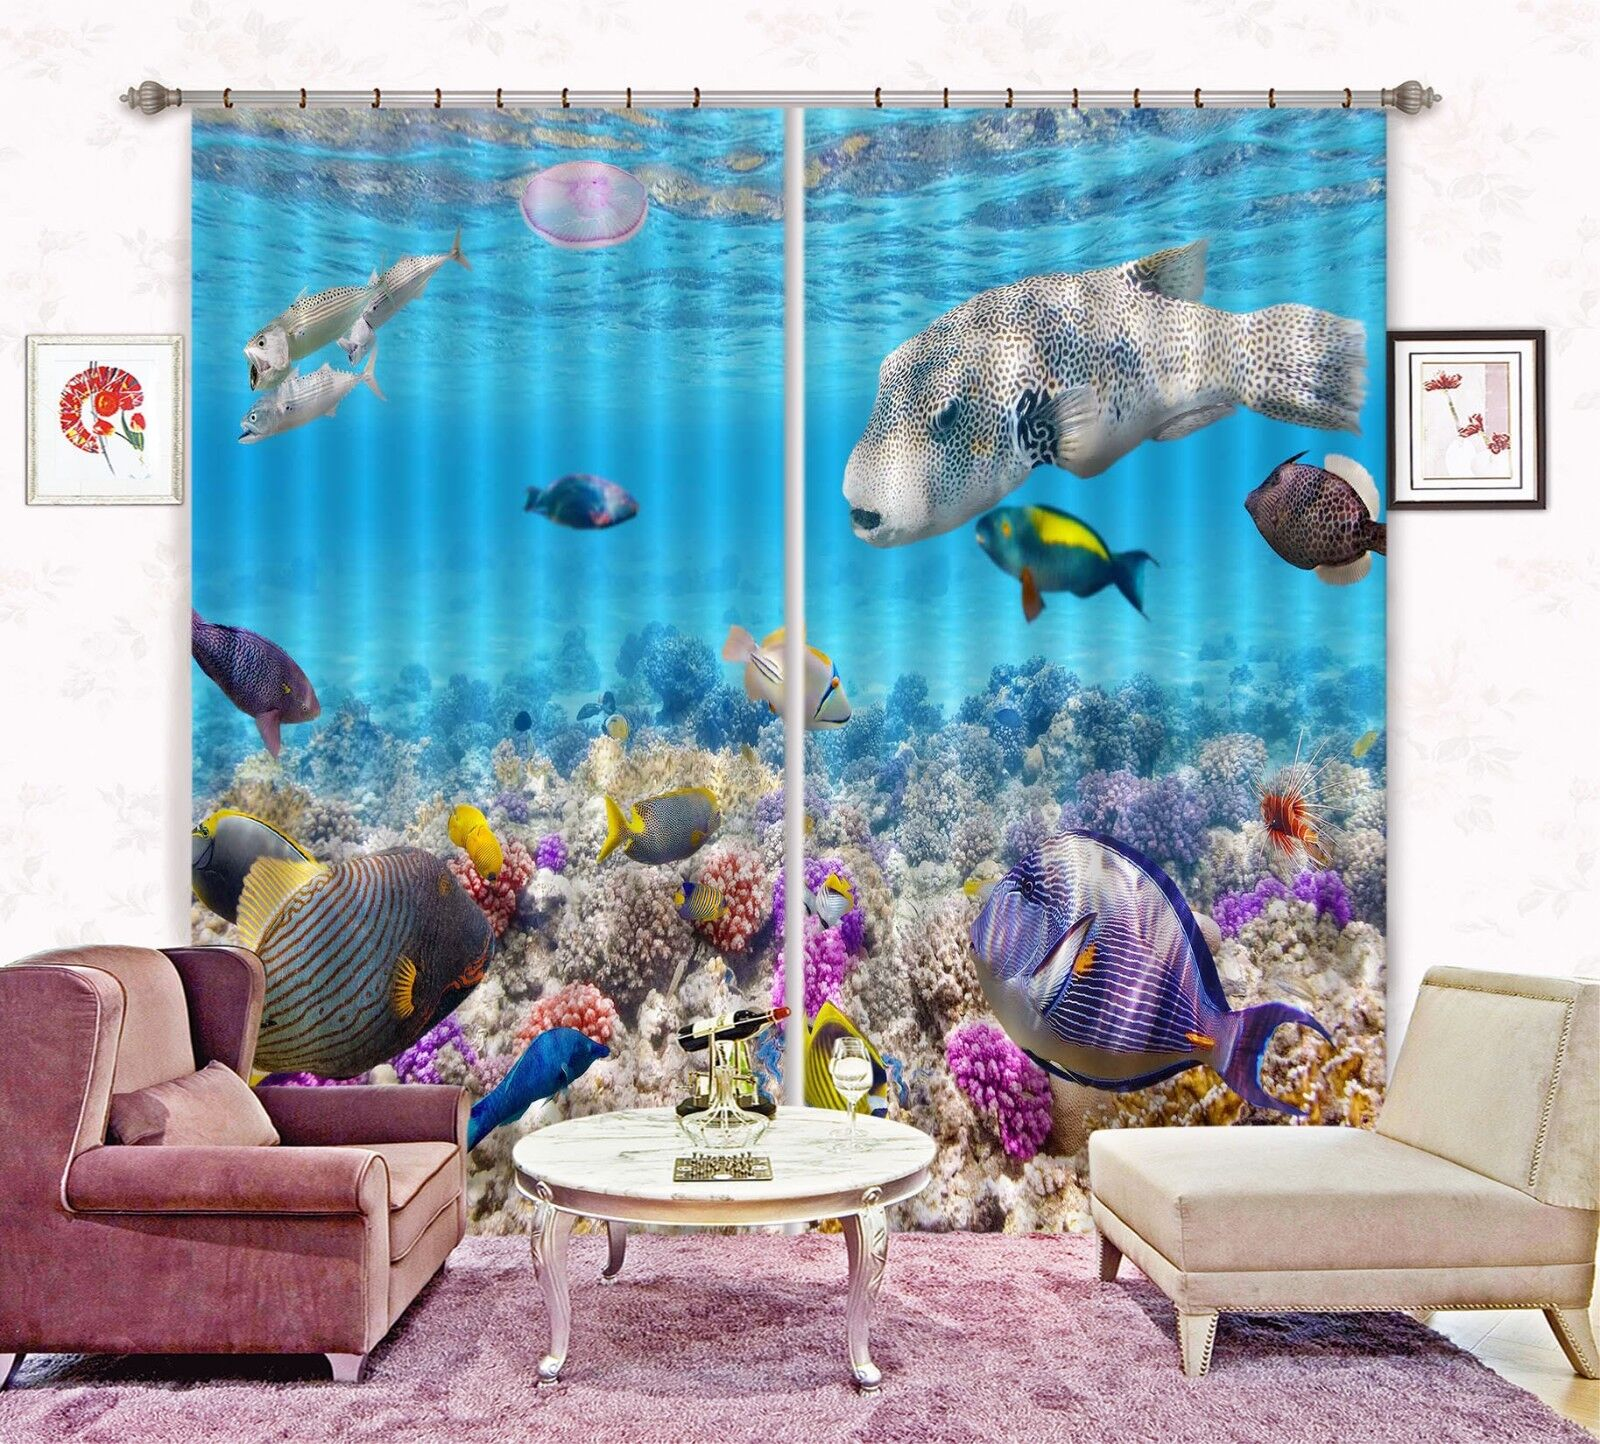 3d lluvial riff bloqueo 67 cortina de fotografía presión cortinas cortina de tela de ventana